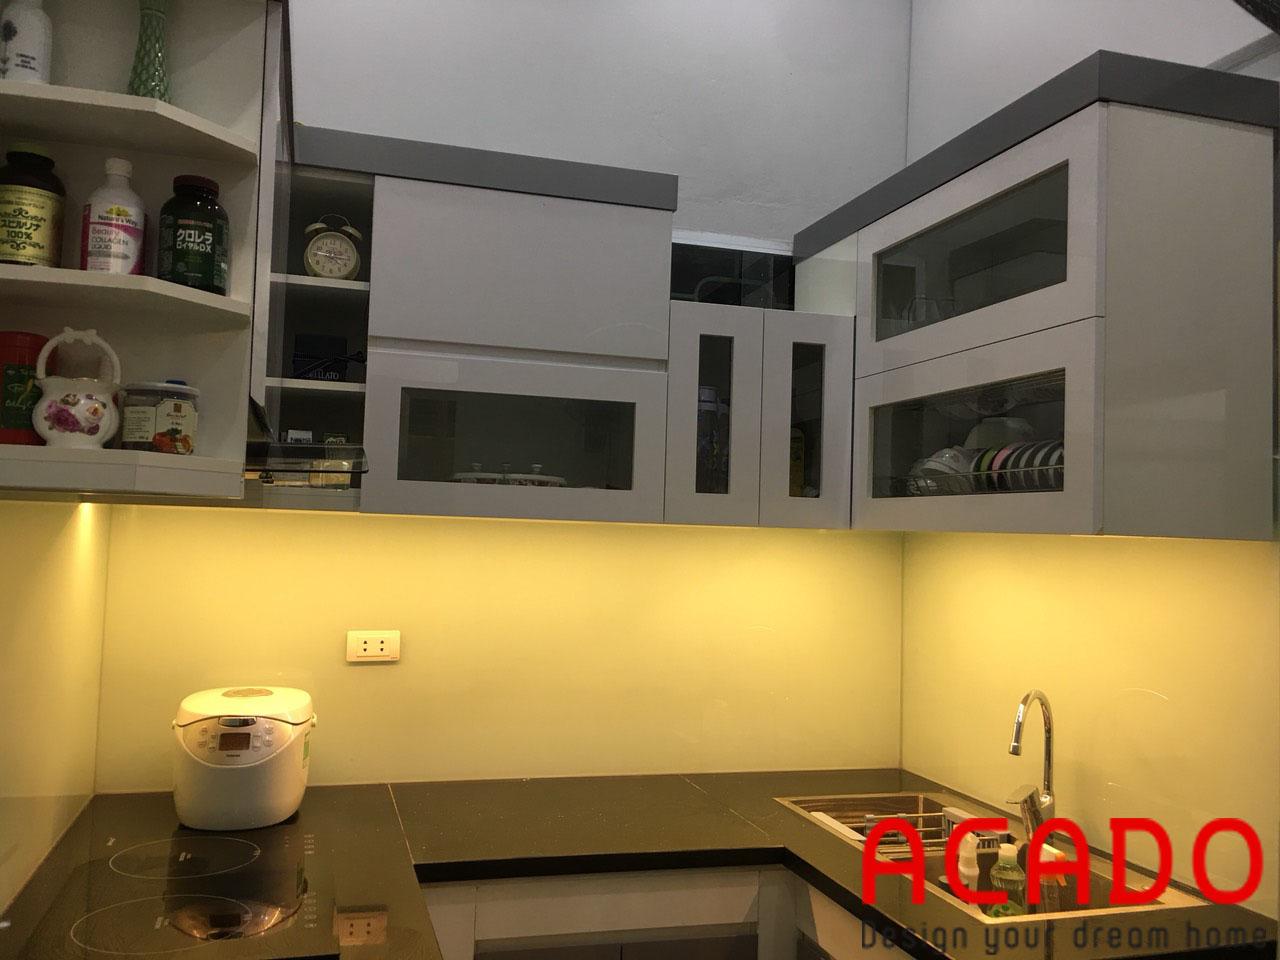 Công trình tủ bếp hoàn thành và bàn giao cho gia đình chị Trang-Nội thất ACADO